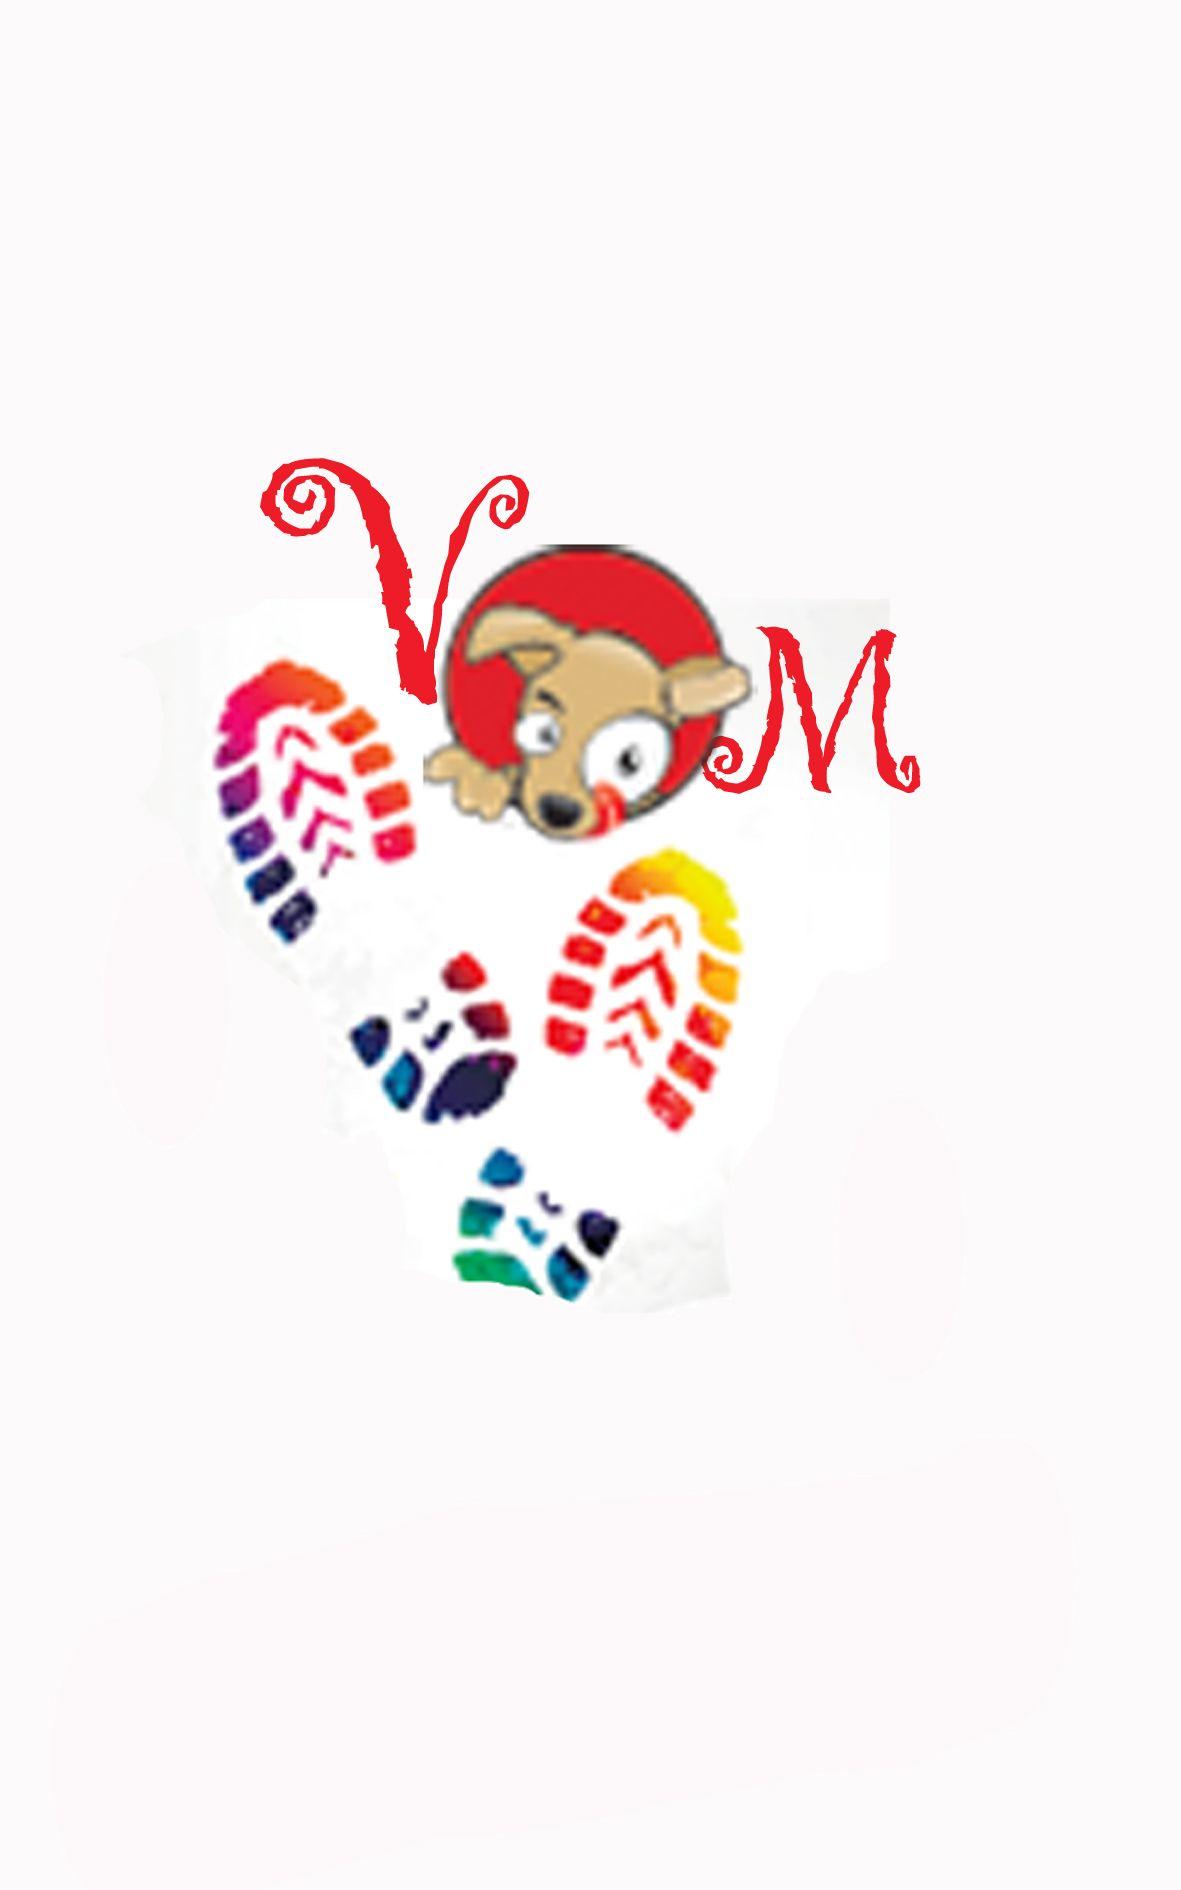 Лого и фирменный стиль компании ВИПМОДА  - дизайнер evas76